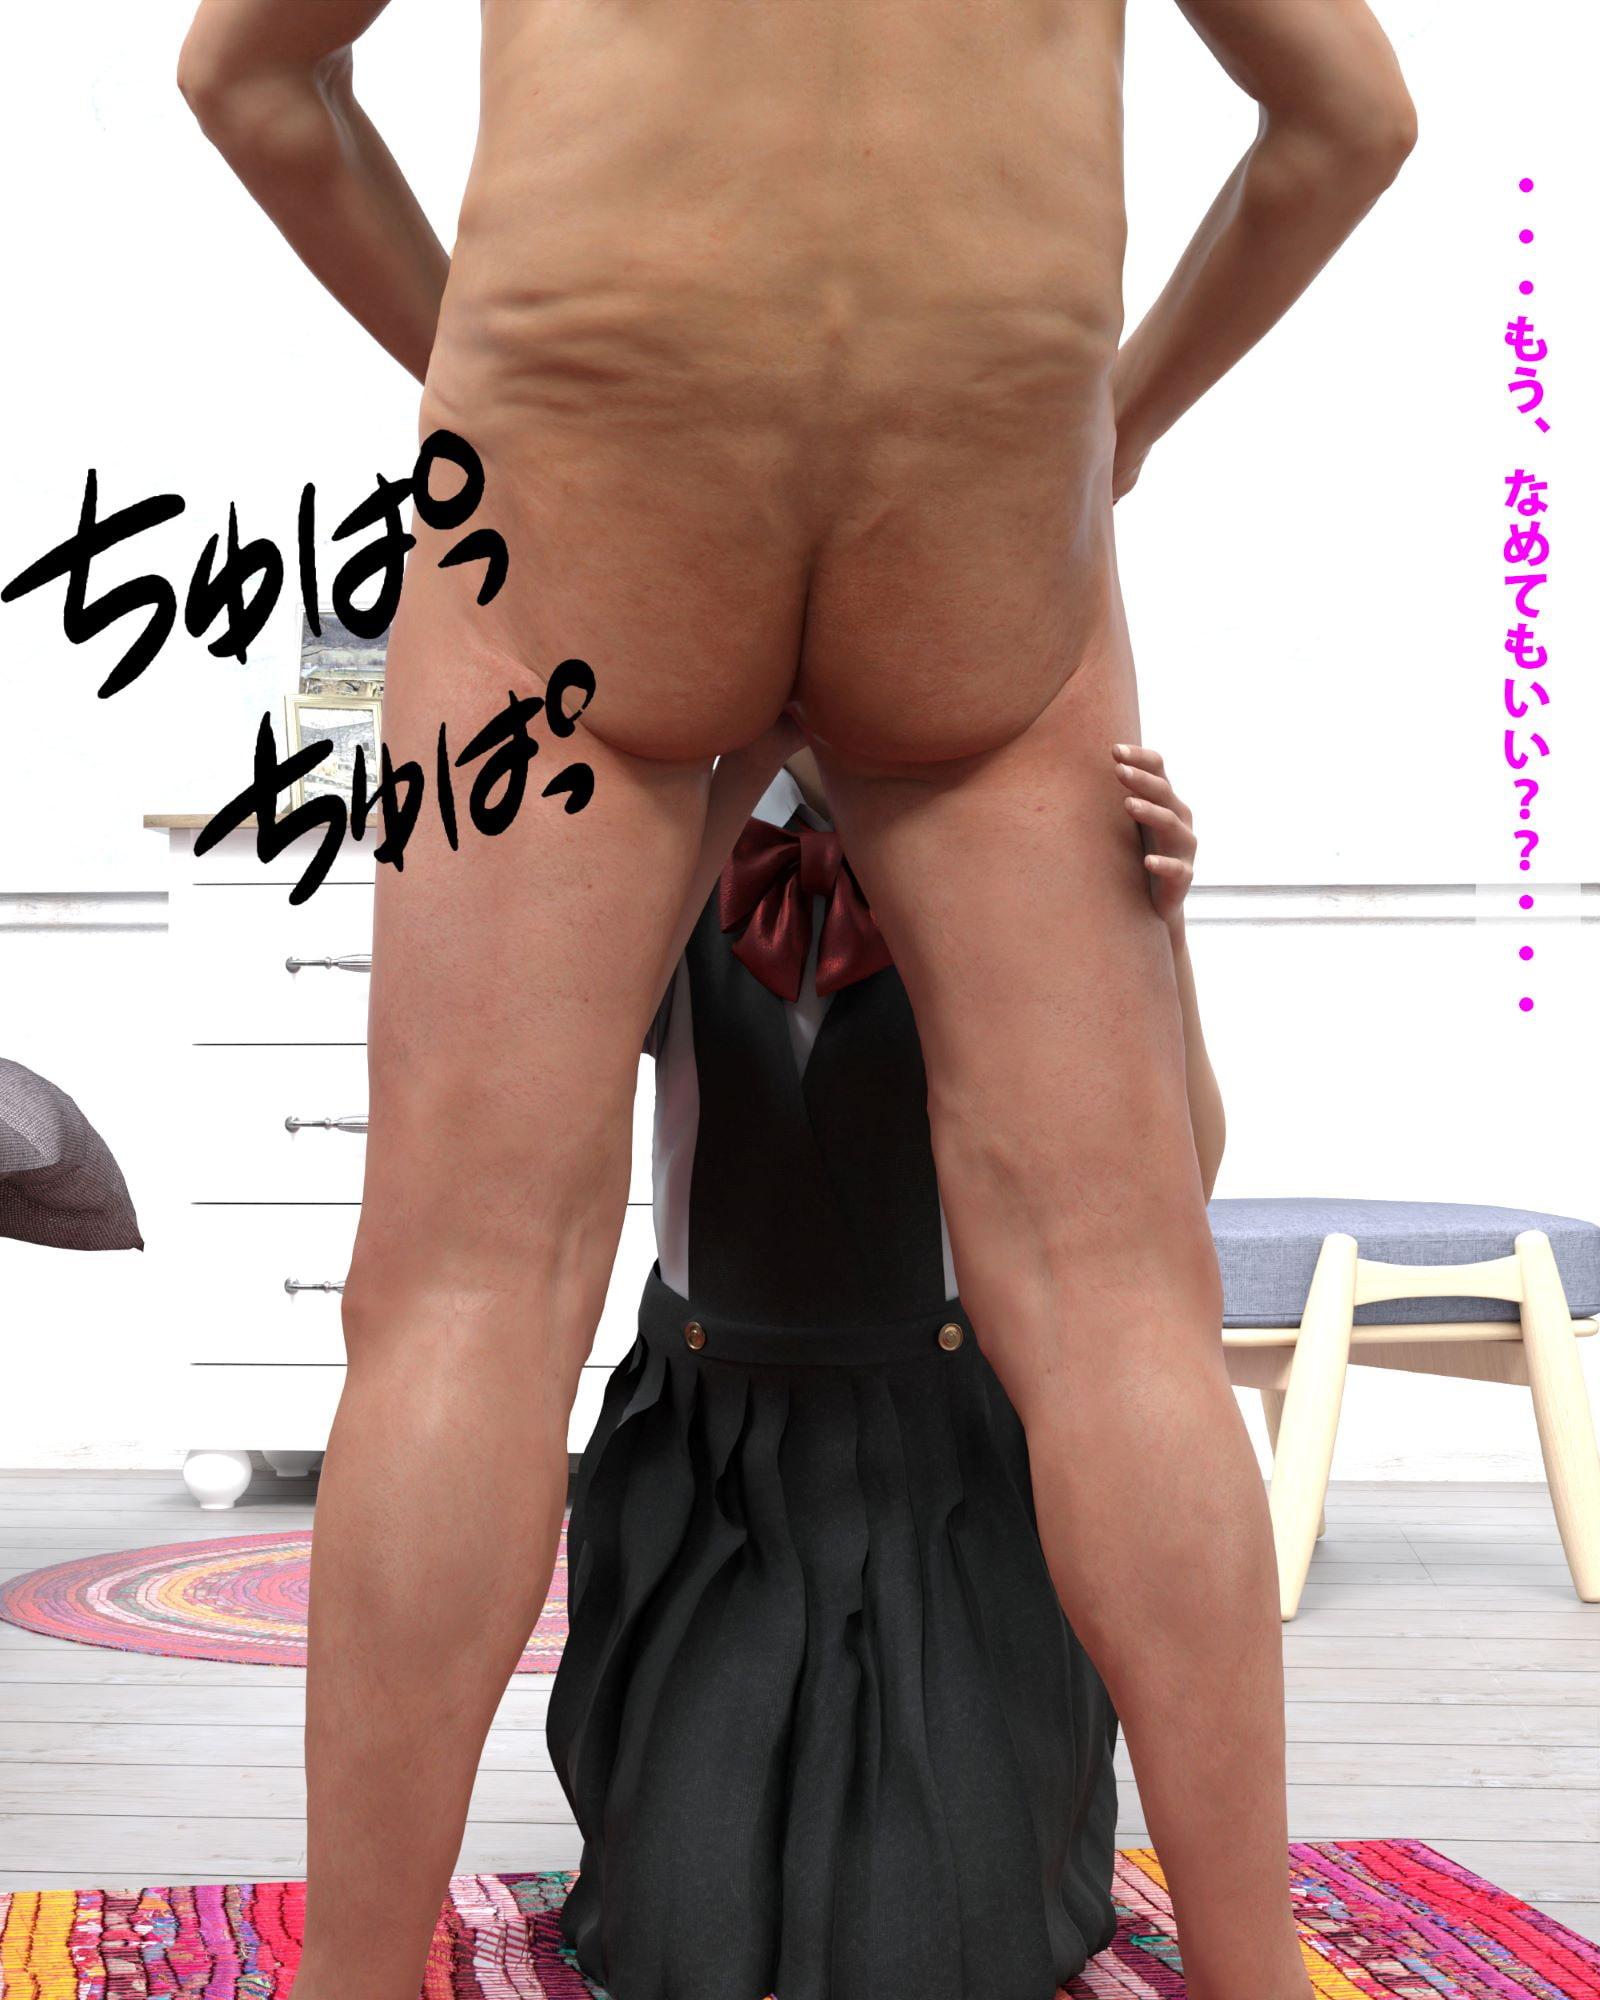 RJ327021 おじキモ彼氏といちゃラブエッチ [20210510]